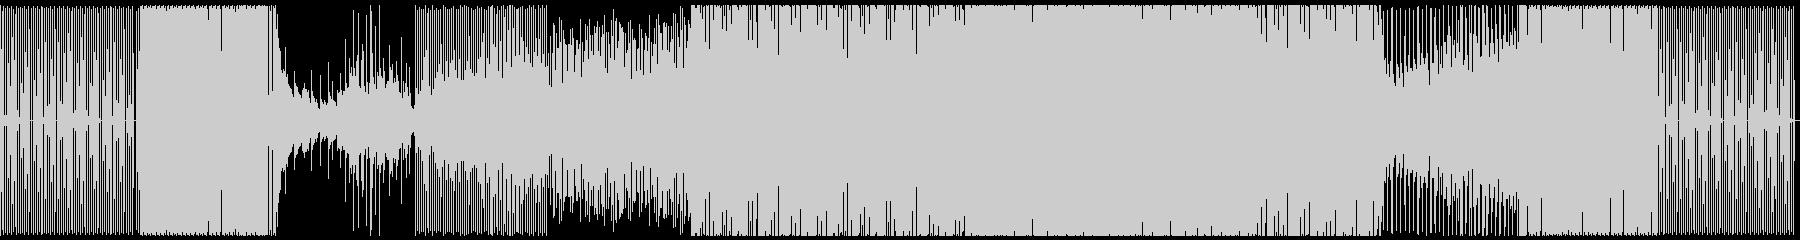 イントロ1'00分その後、徐々にポ...の未再生の波形